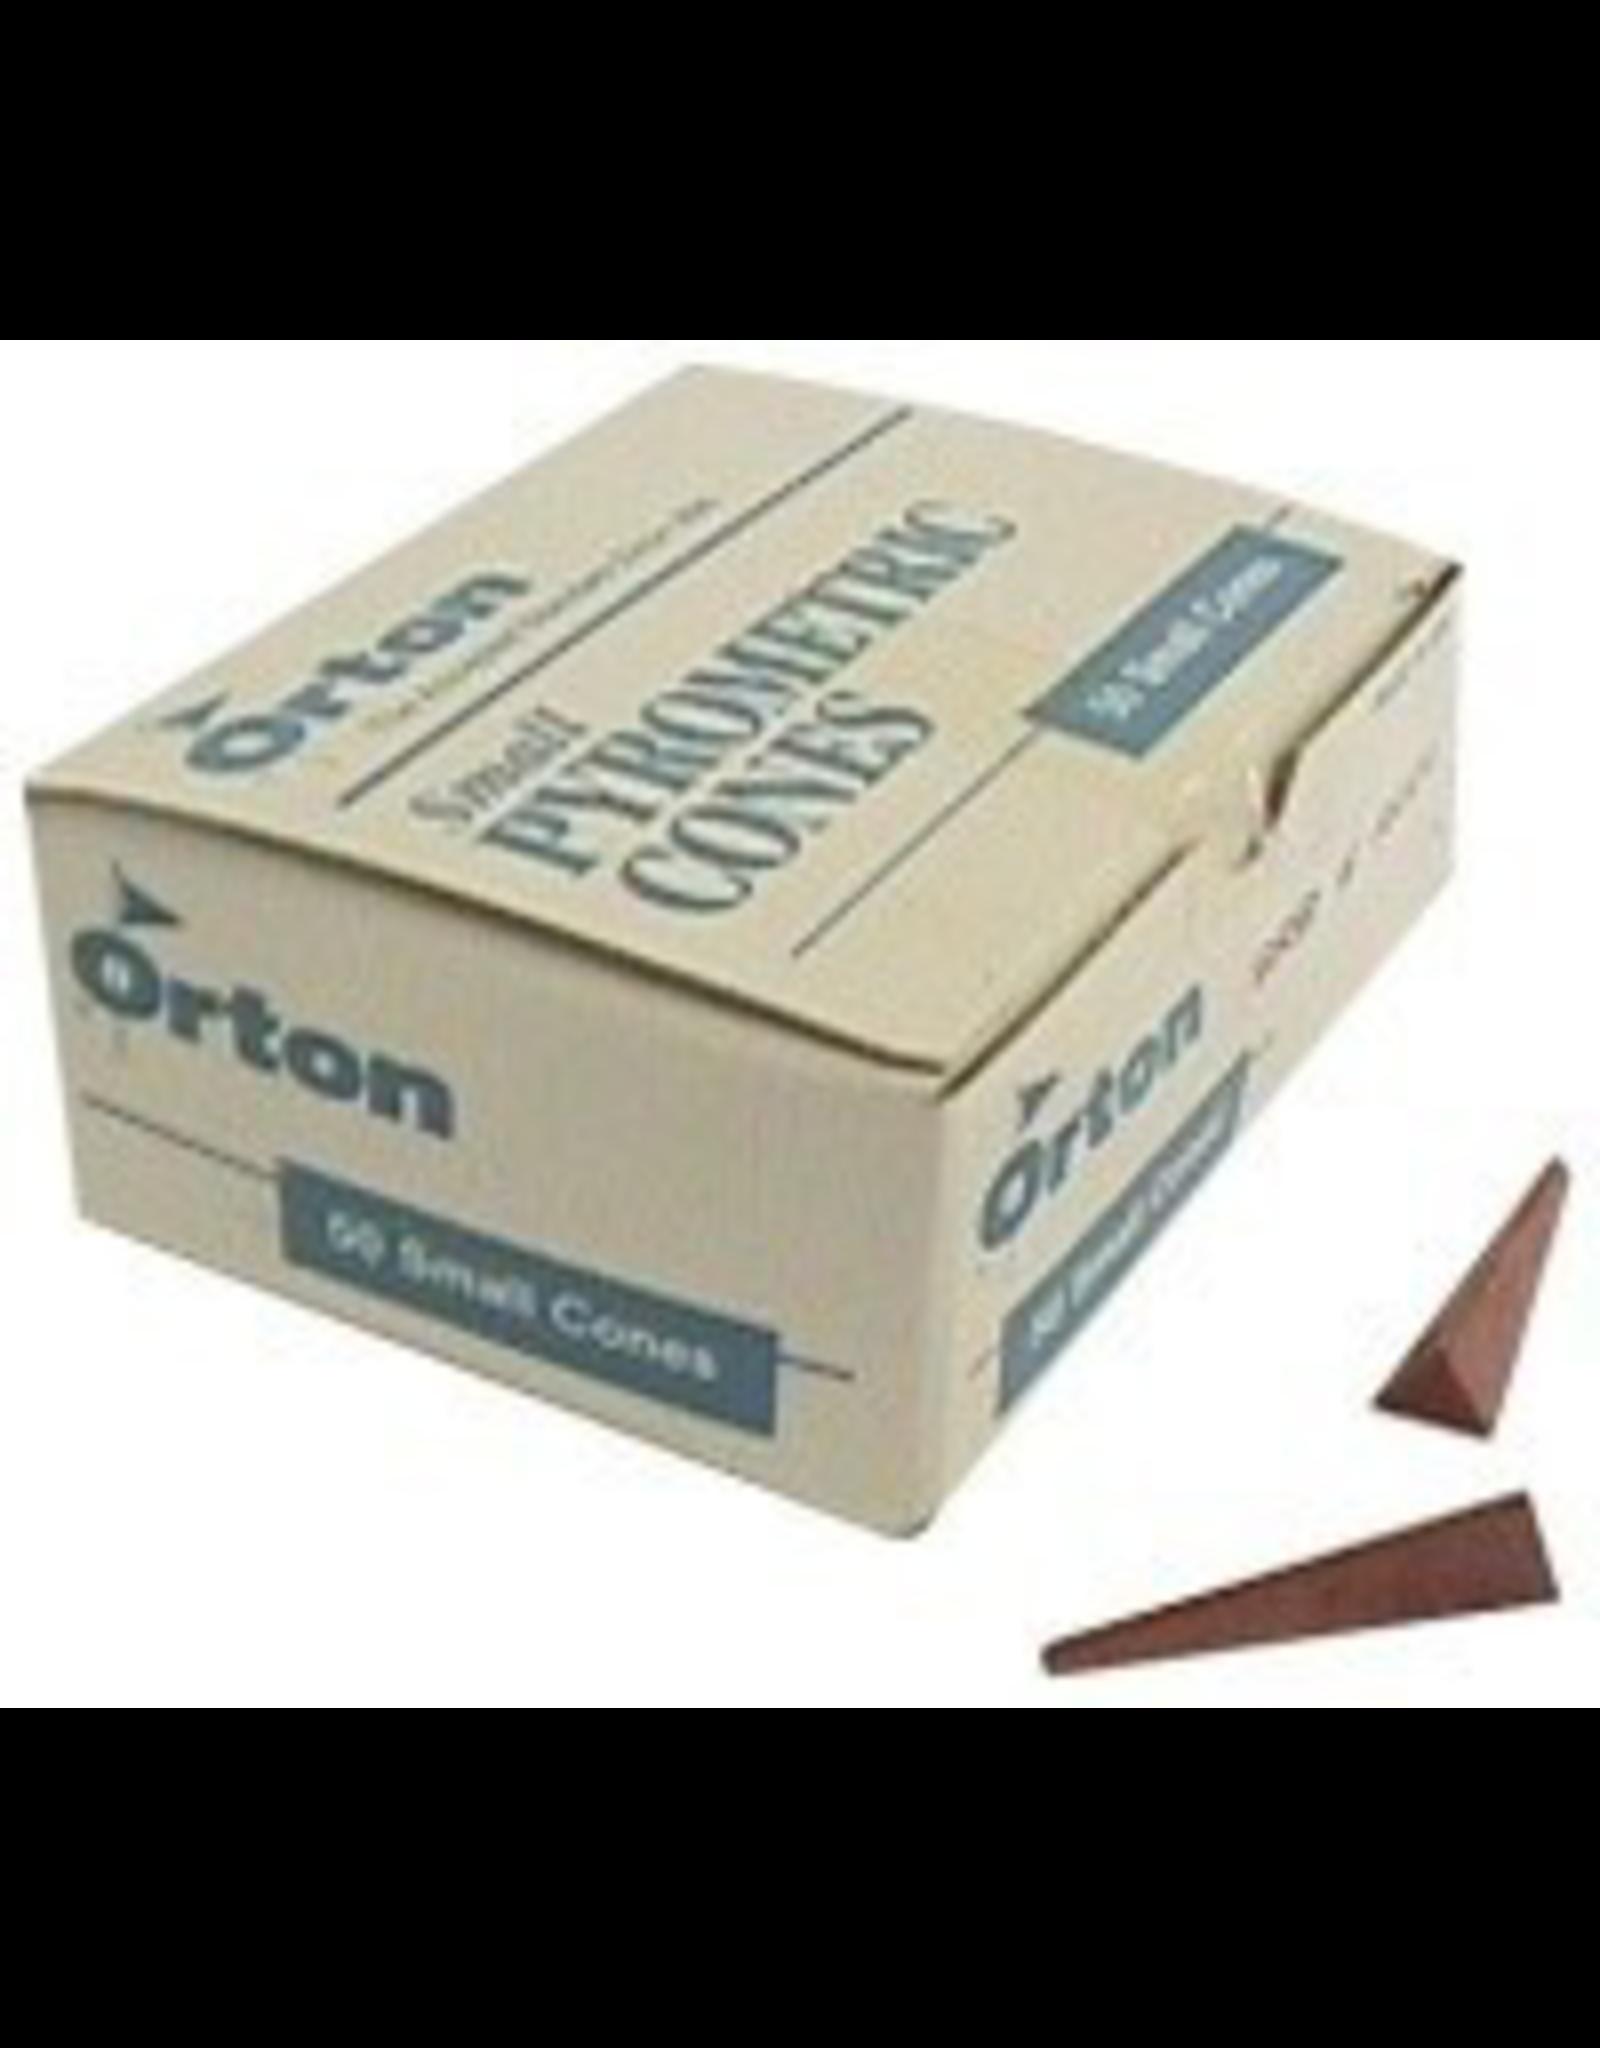 Orton Orton Midget Cone 05 50's